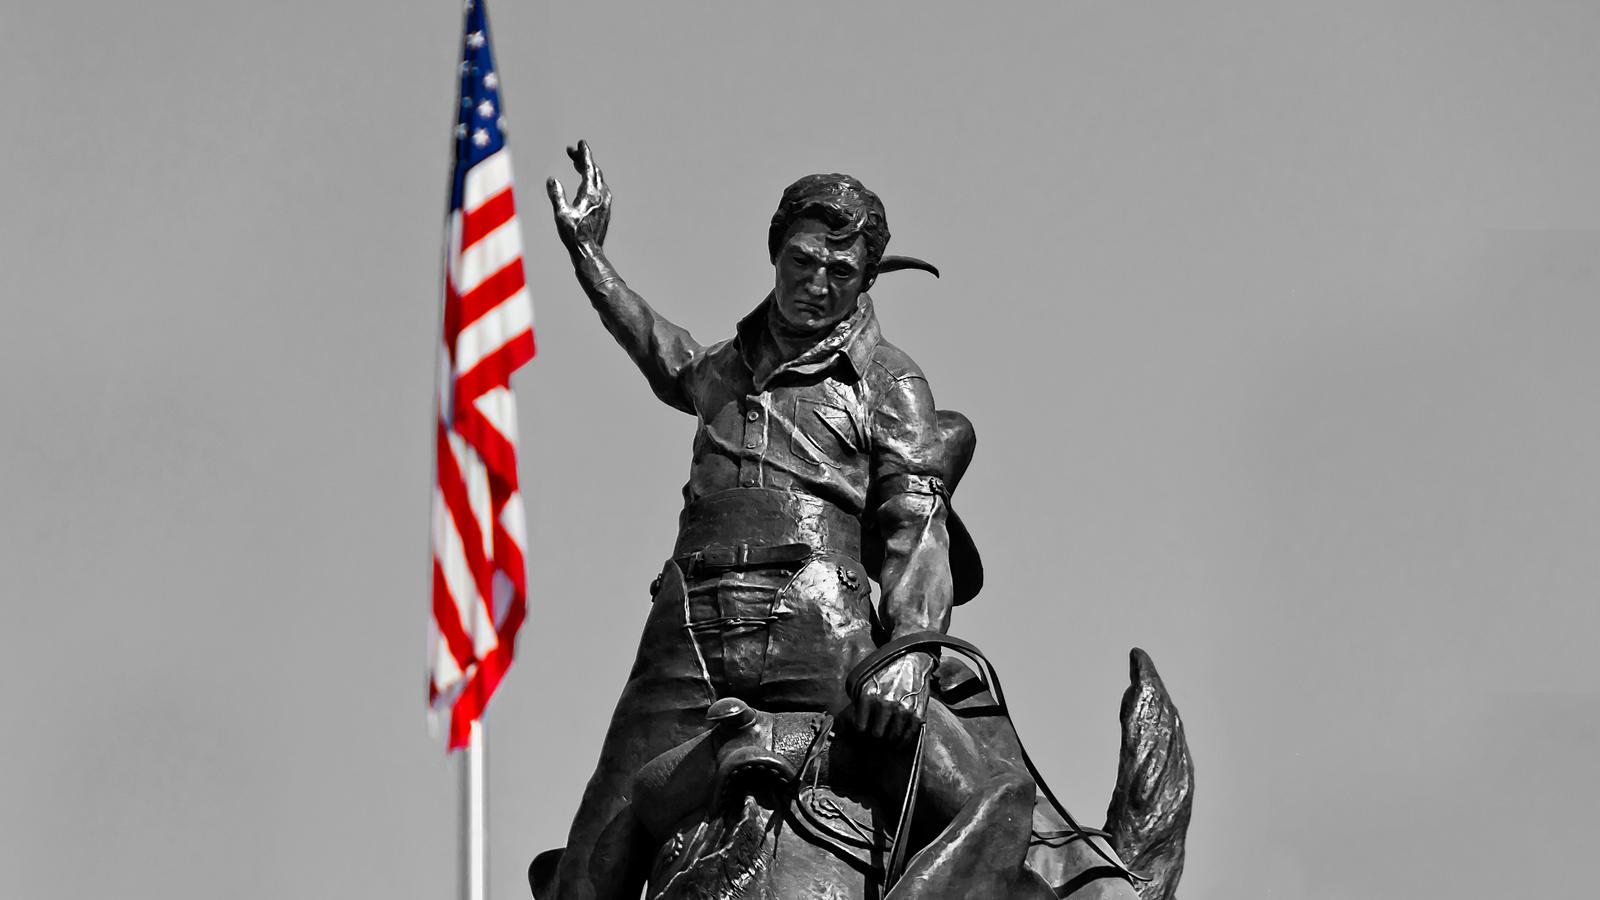 bronze statute bw and flag